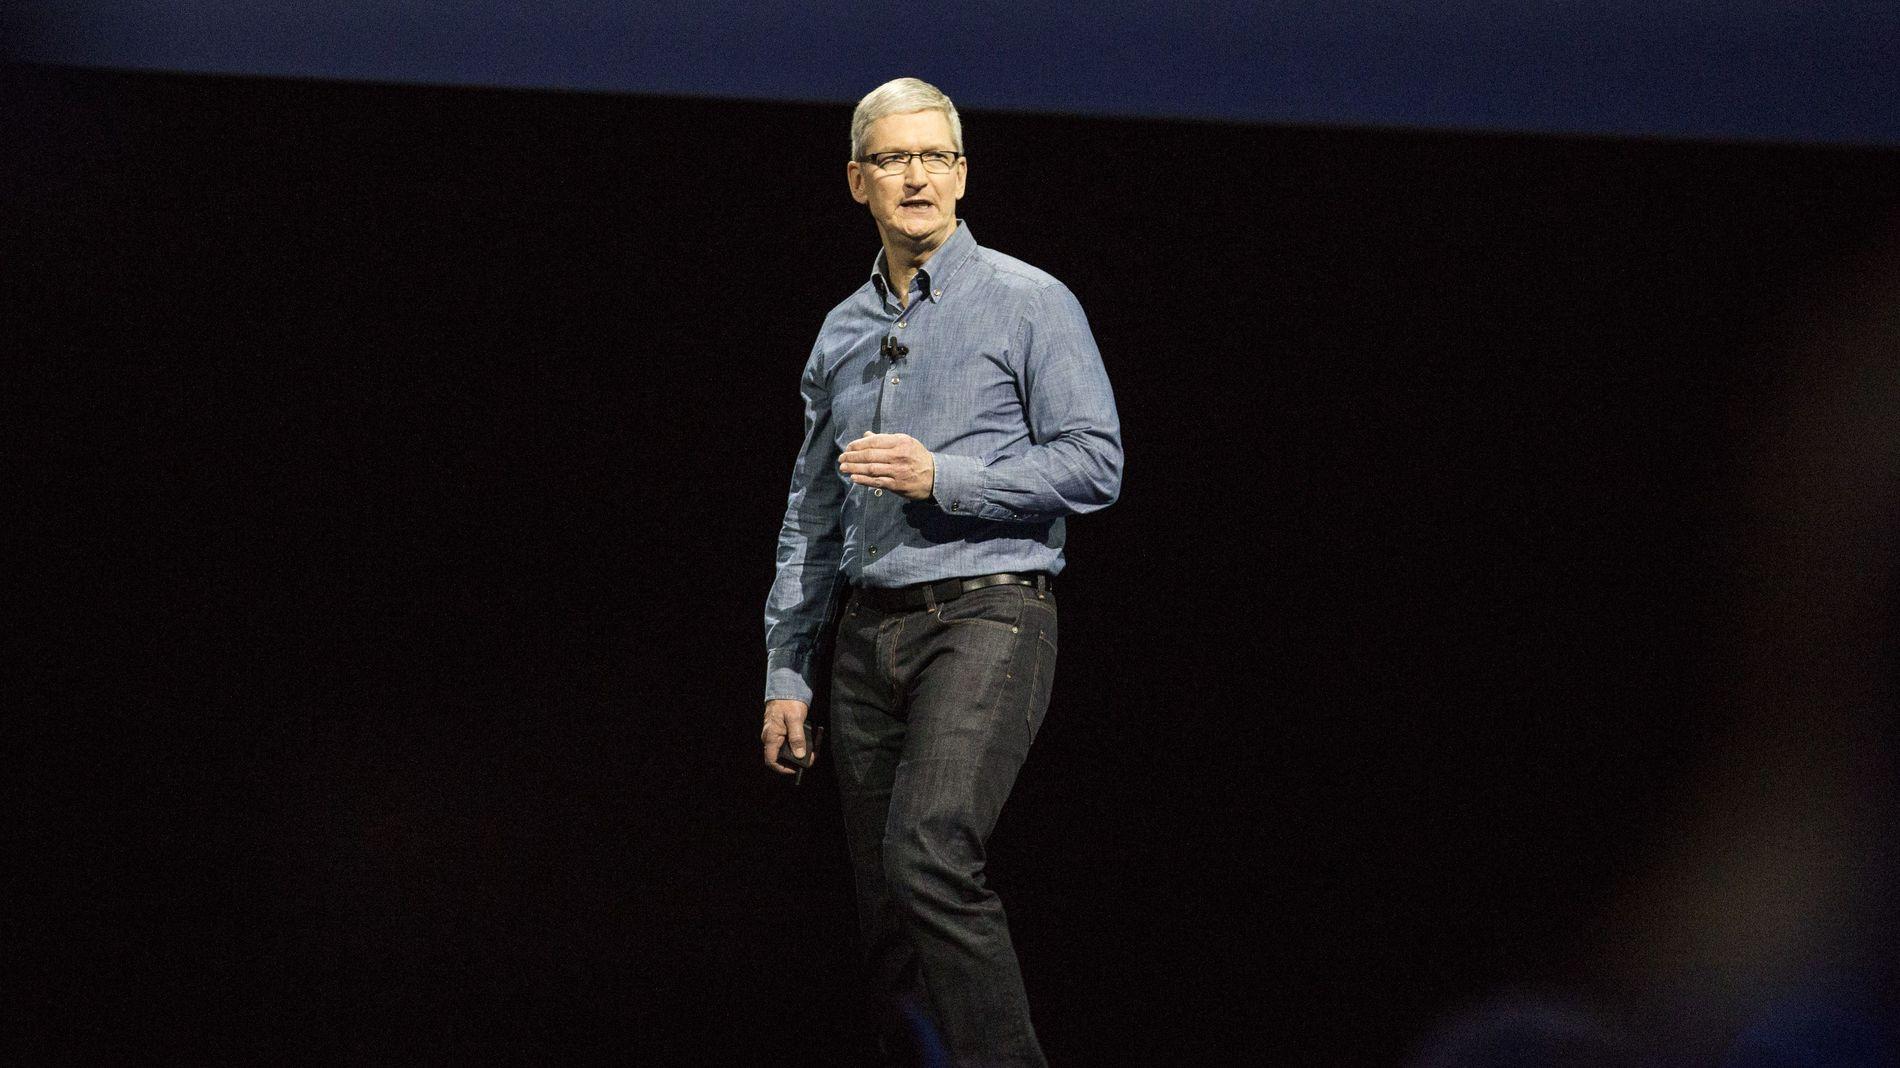 STÅR PÅ SITT: Toppsjef Tim Cook i Apple varsler at Apple vil anke EU-kommisjonens baksmellvarsel til Europadomstolen.